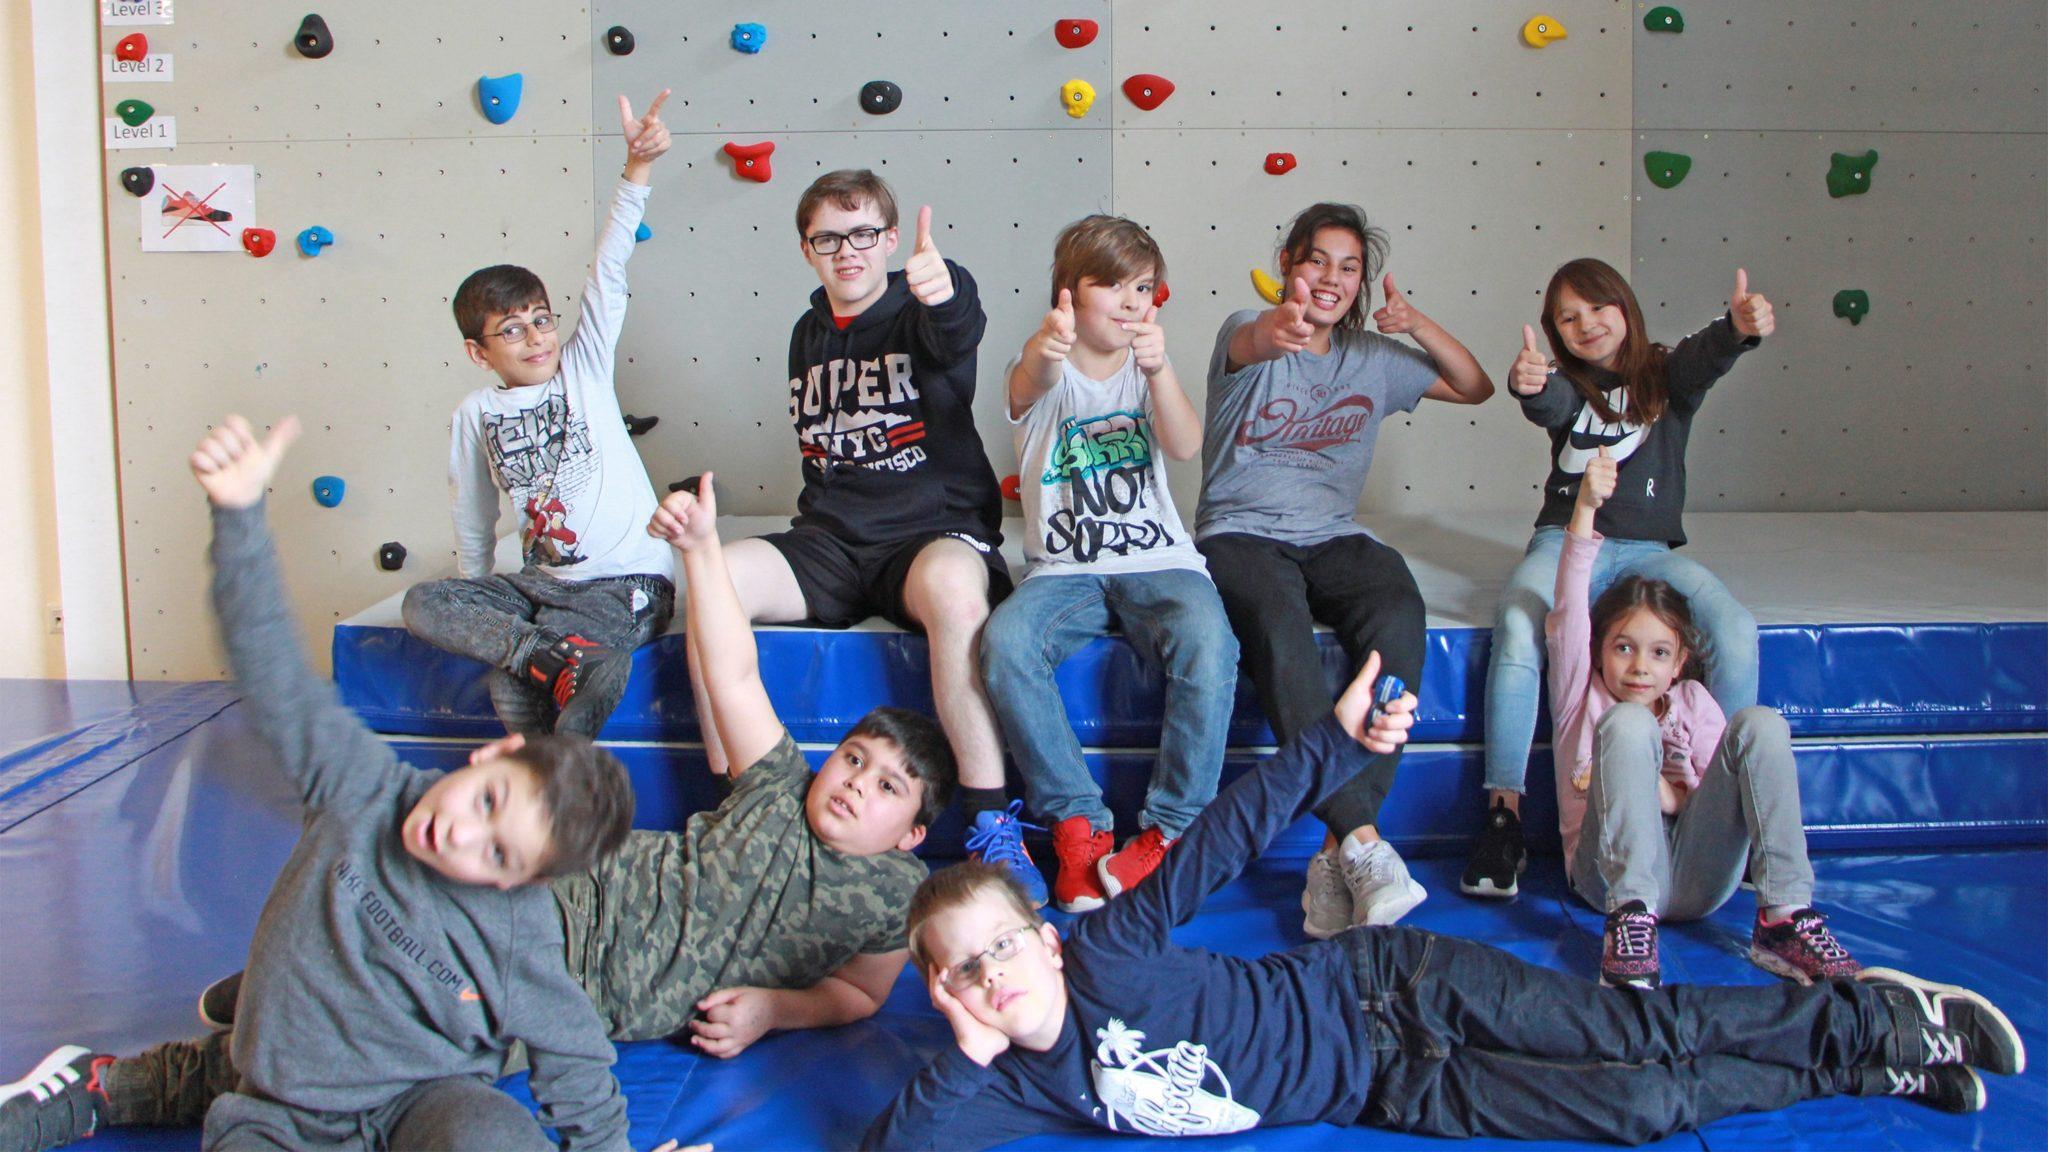 SanLucar unterstützt Kinder beim Bouldern